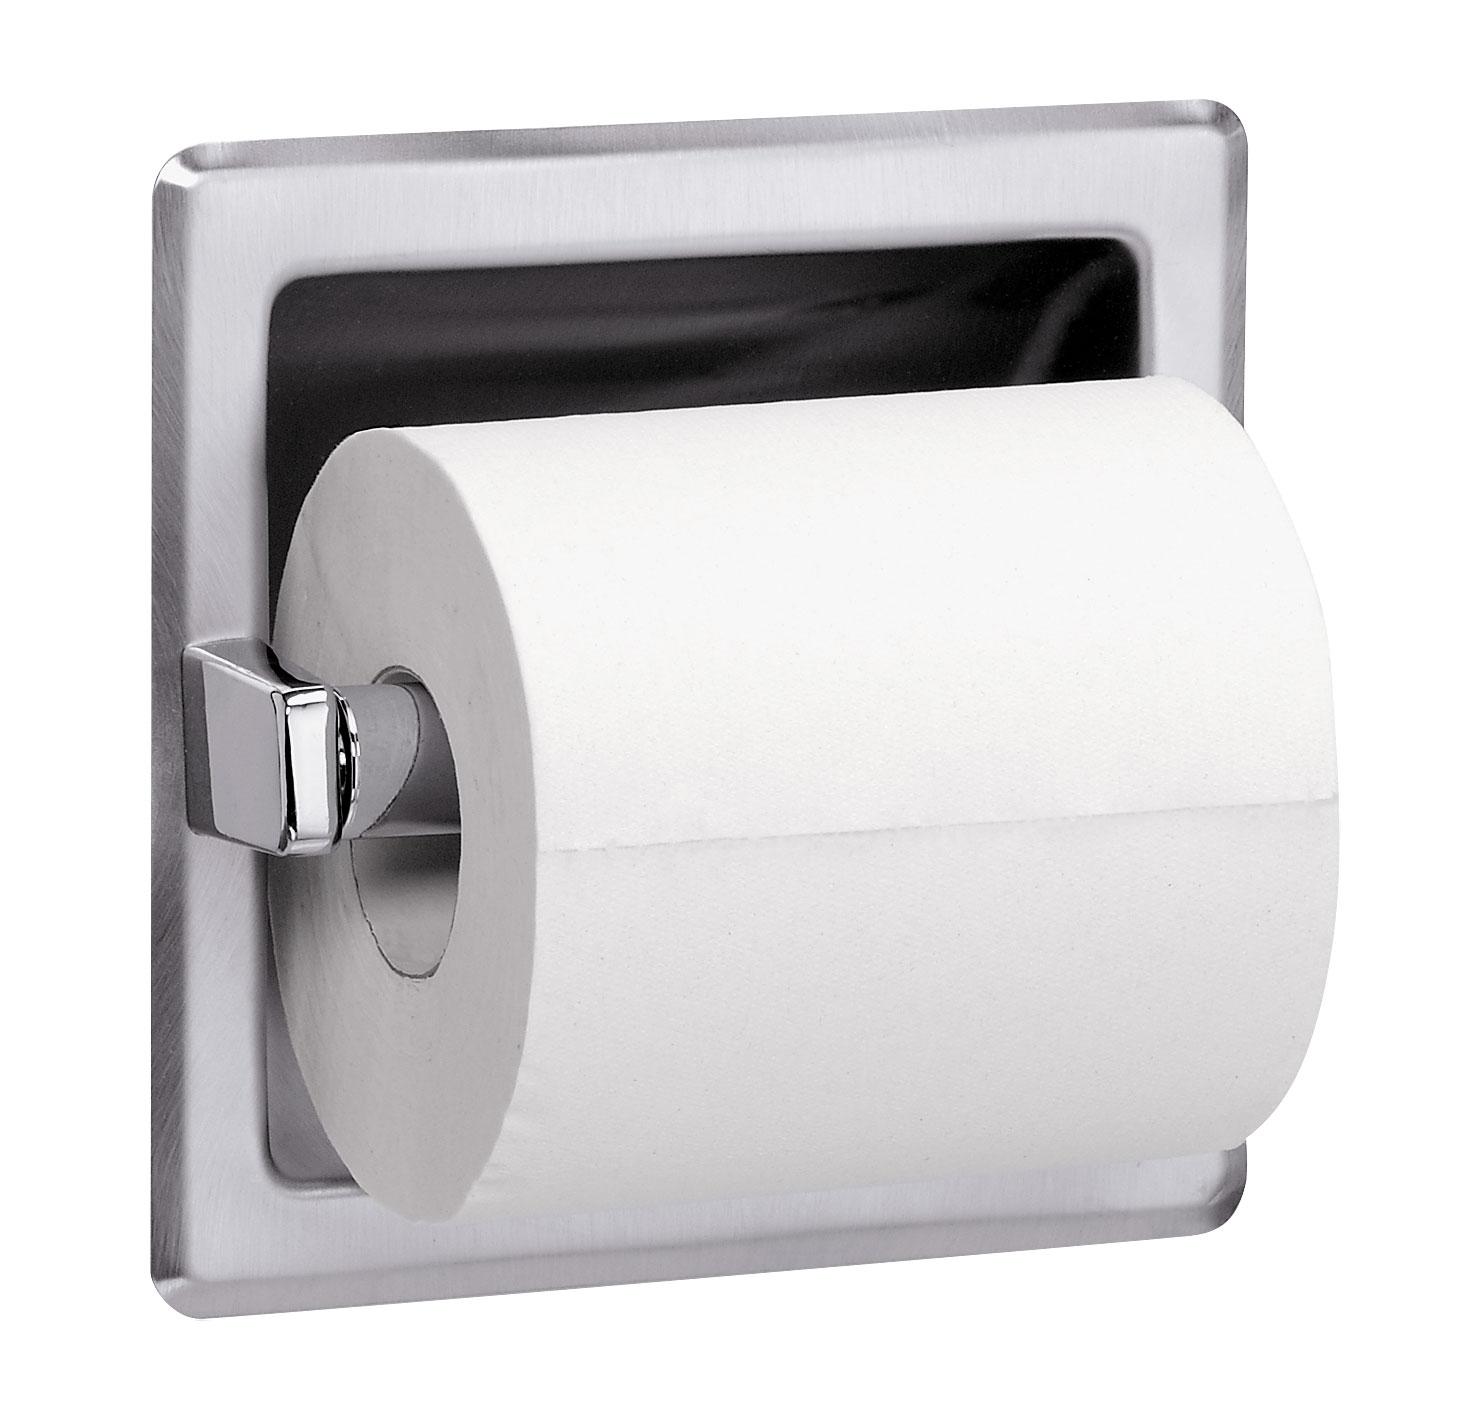 Recessed Single Roll Toilet Tissue Dispenser Bradley